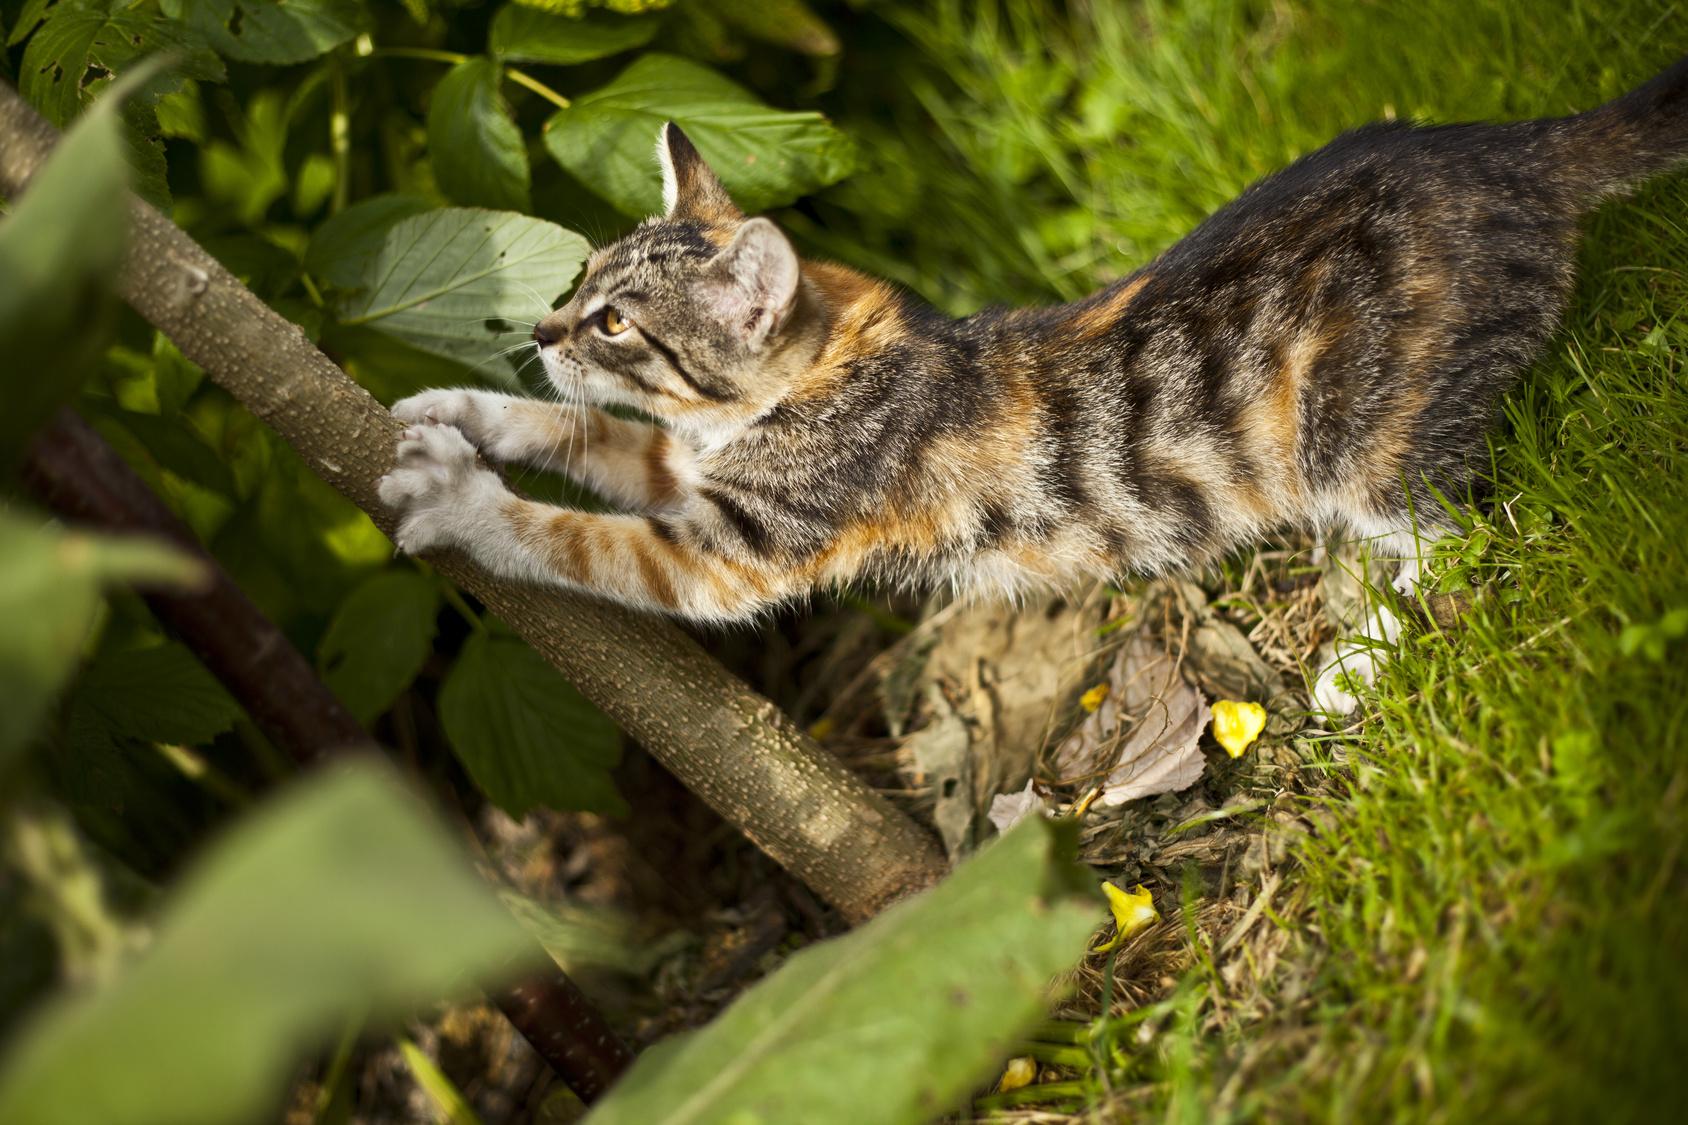 Comment Éloigner Les Chats De Son Jardin ? Nos Conseils dedans Repousse Chat Jardin